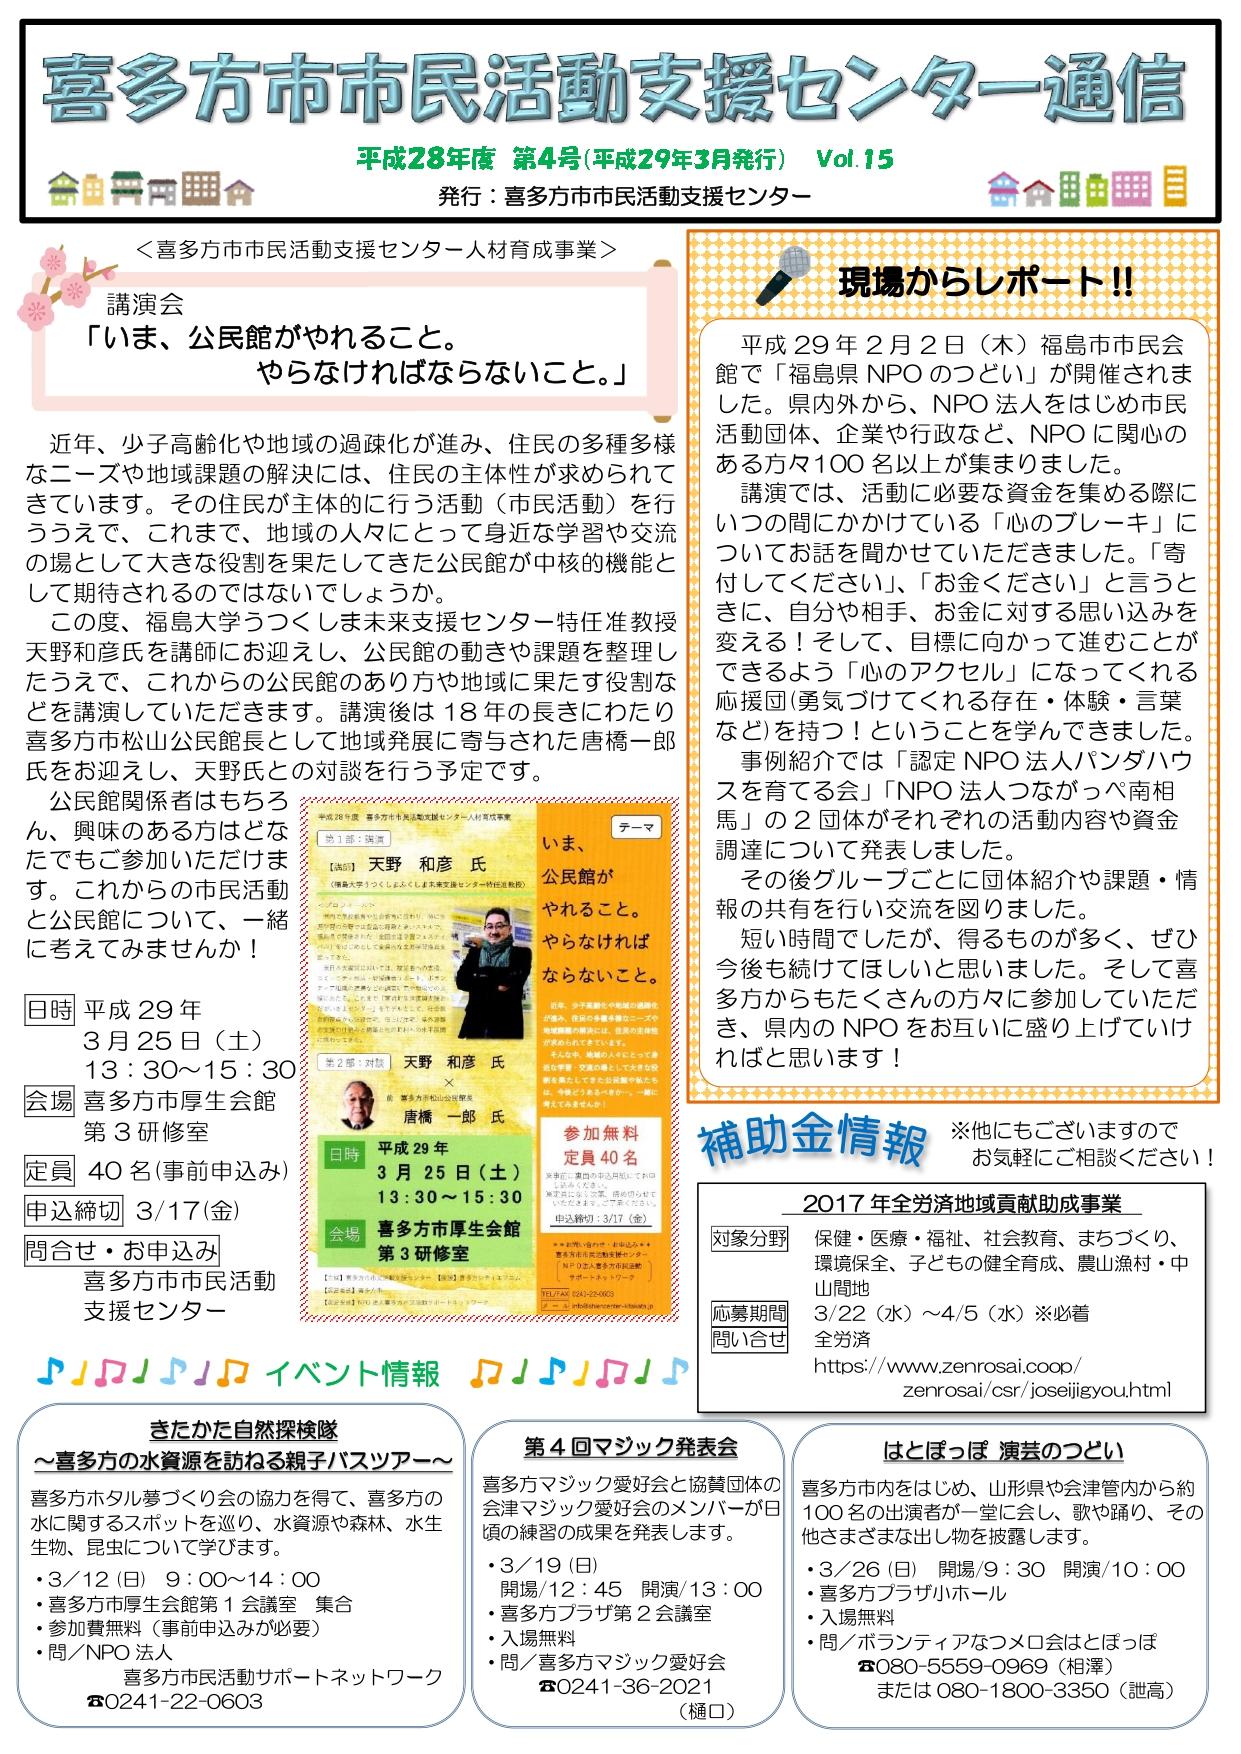 喜多方市市民活動支援センター通信 平成28年度第4号(vol.15)